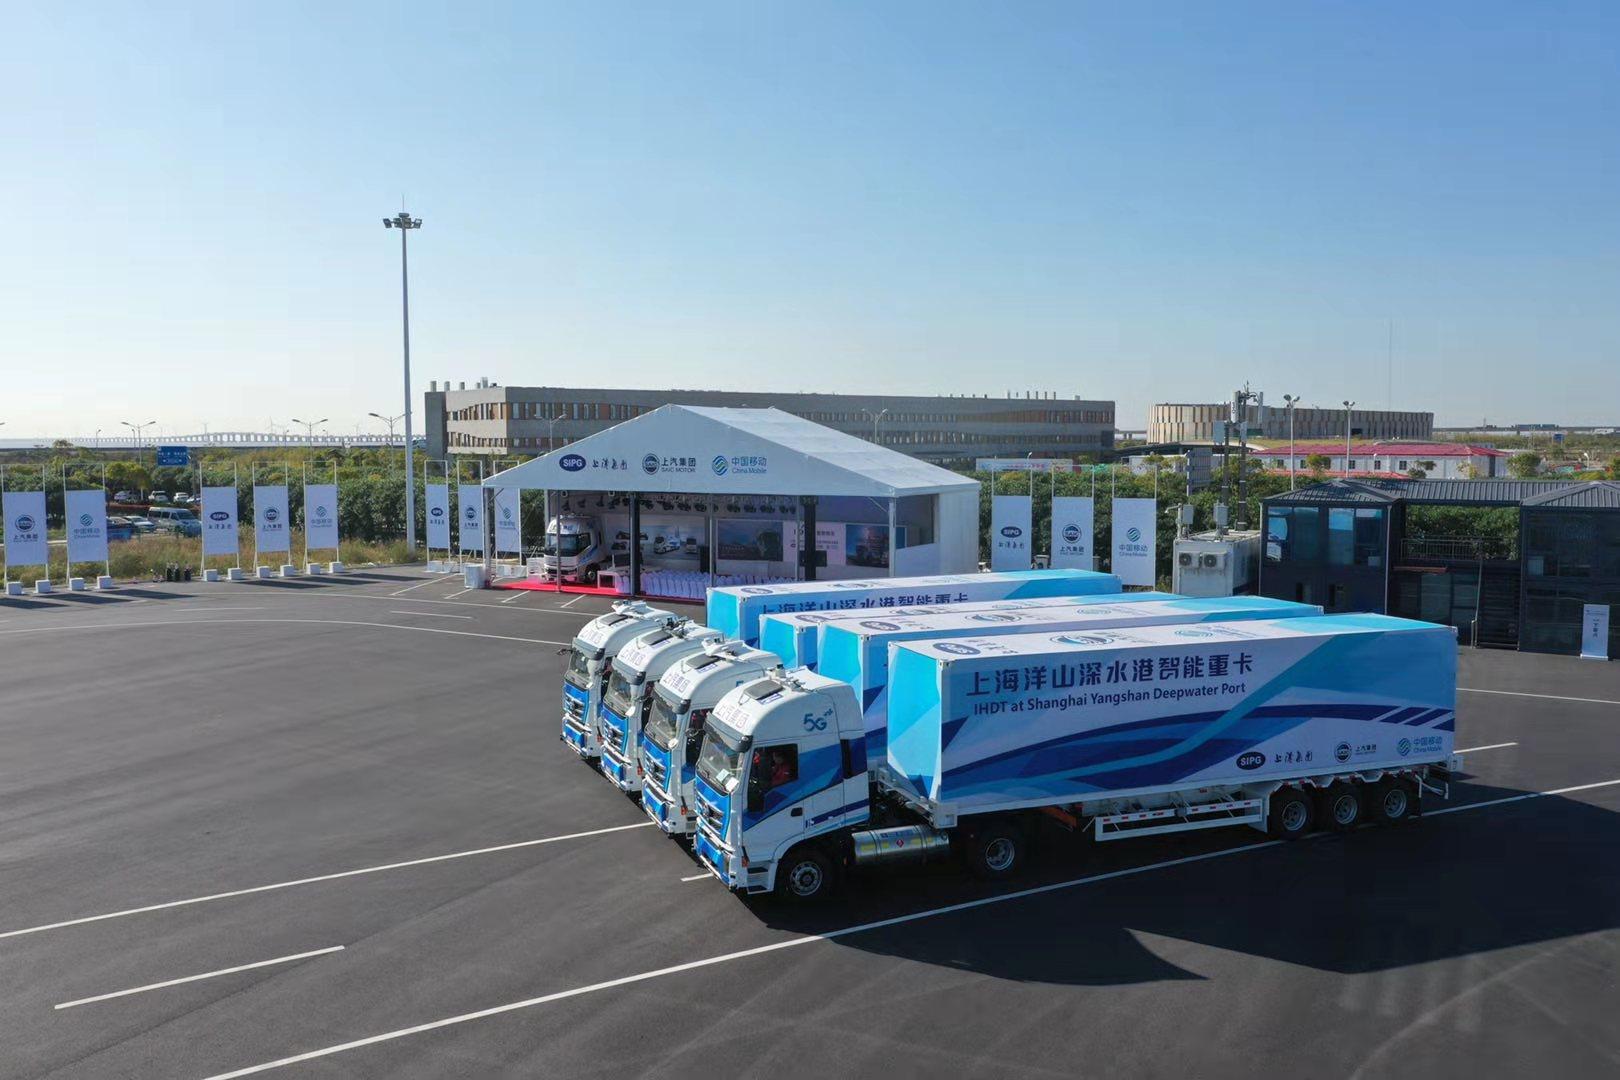 上汽启动全球首次5G+L4级智能驾驶重卡示范运营,明年将小批量运行 | 一线车讯